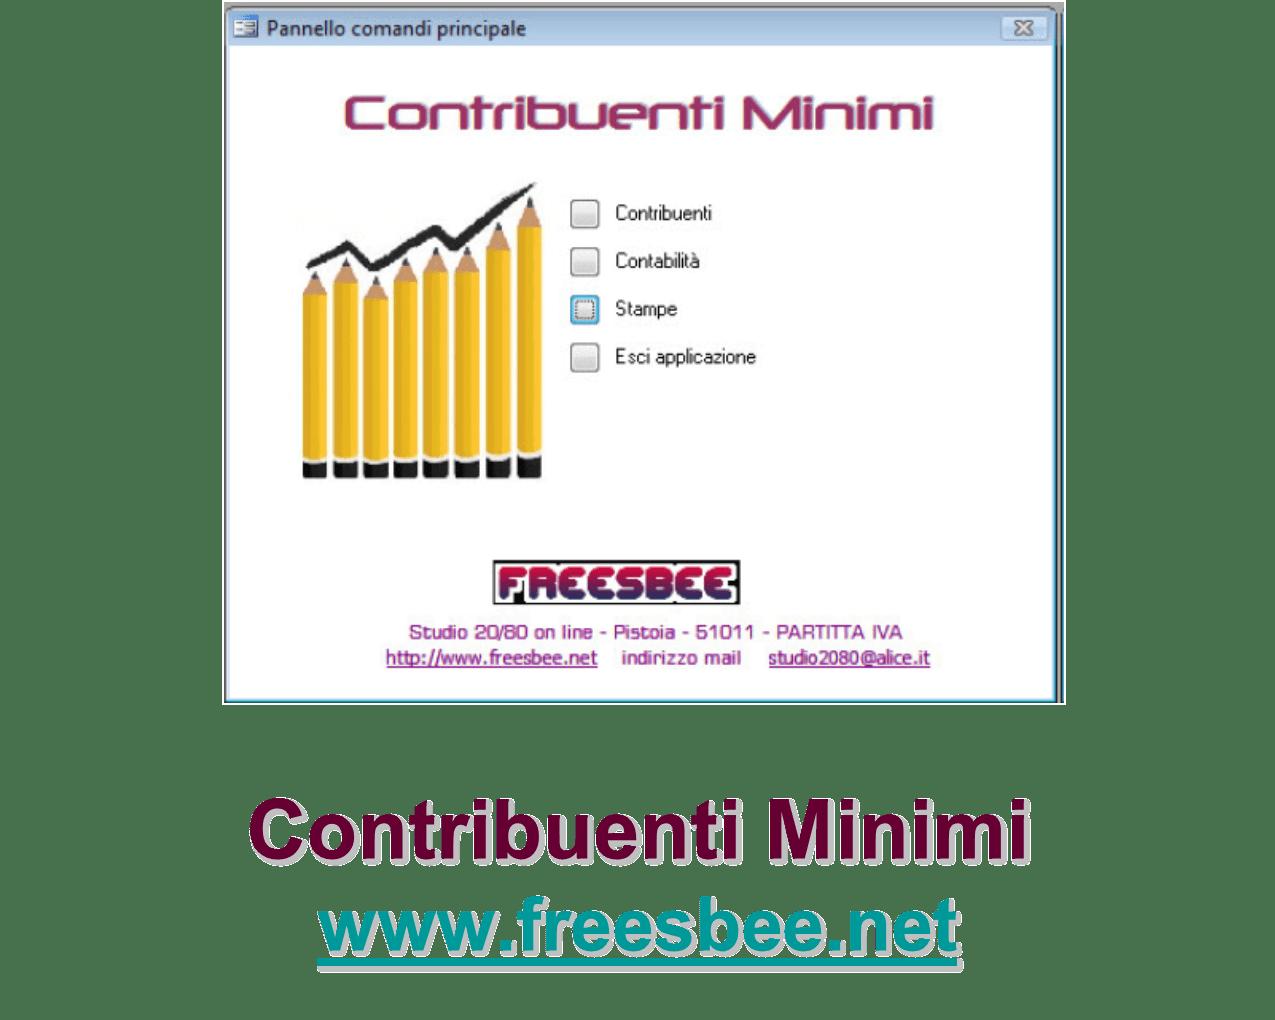 Contribuenti Minimi